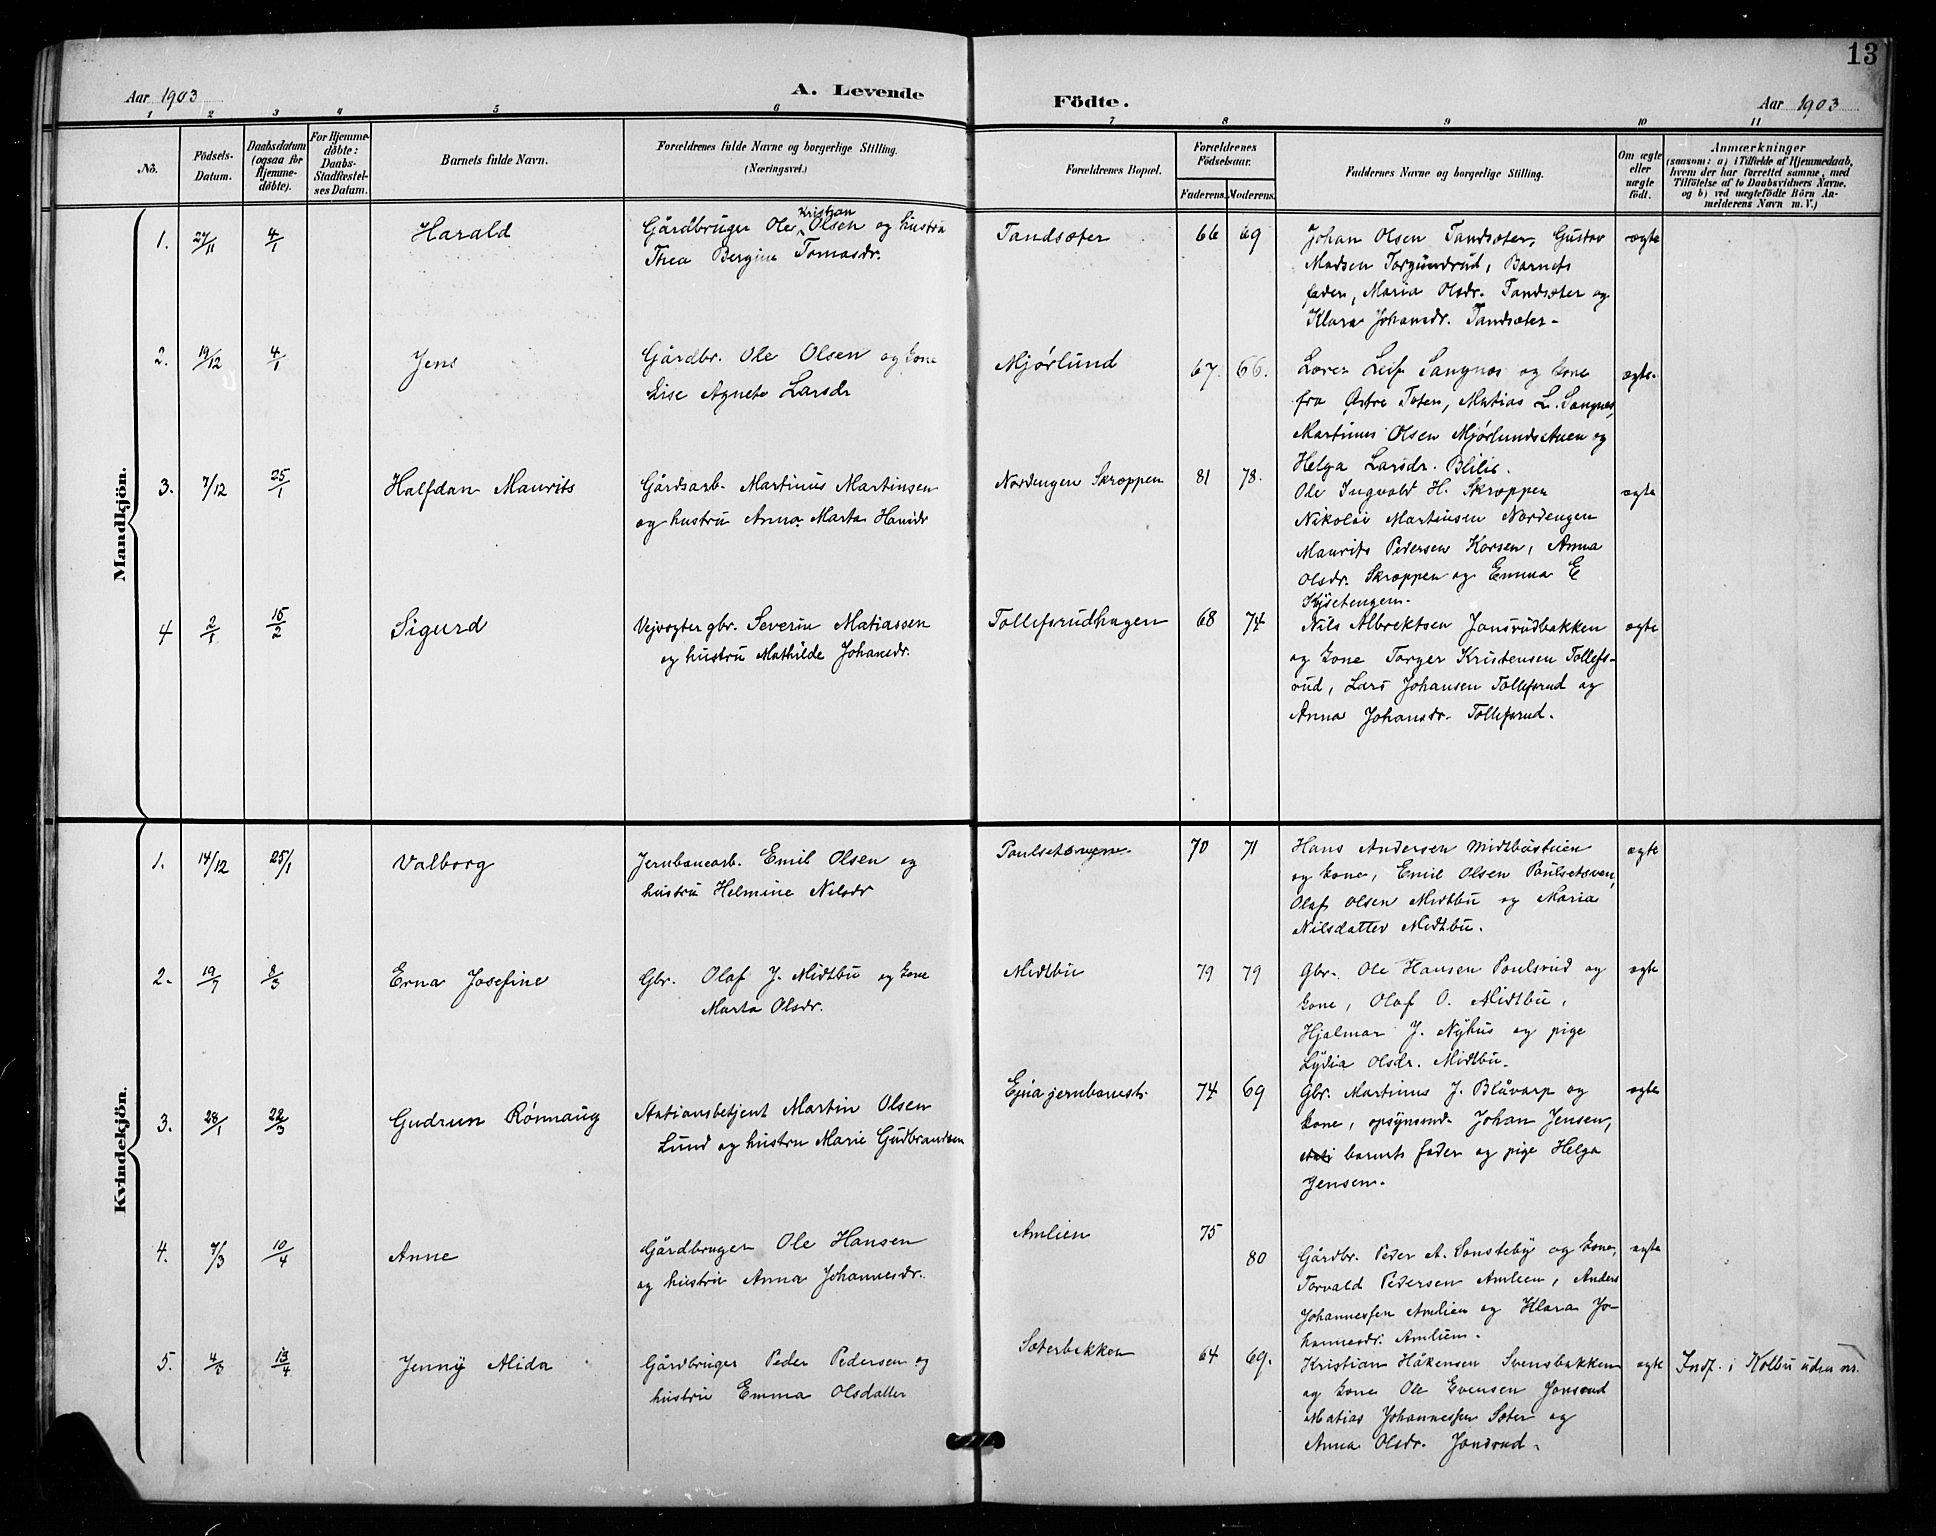 SAH, Vestre Toten prestekontor, H/Ha/Hab/L0016: Klokkerbok nr. 16, 1901-1915, s. 13